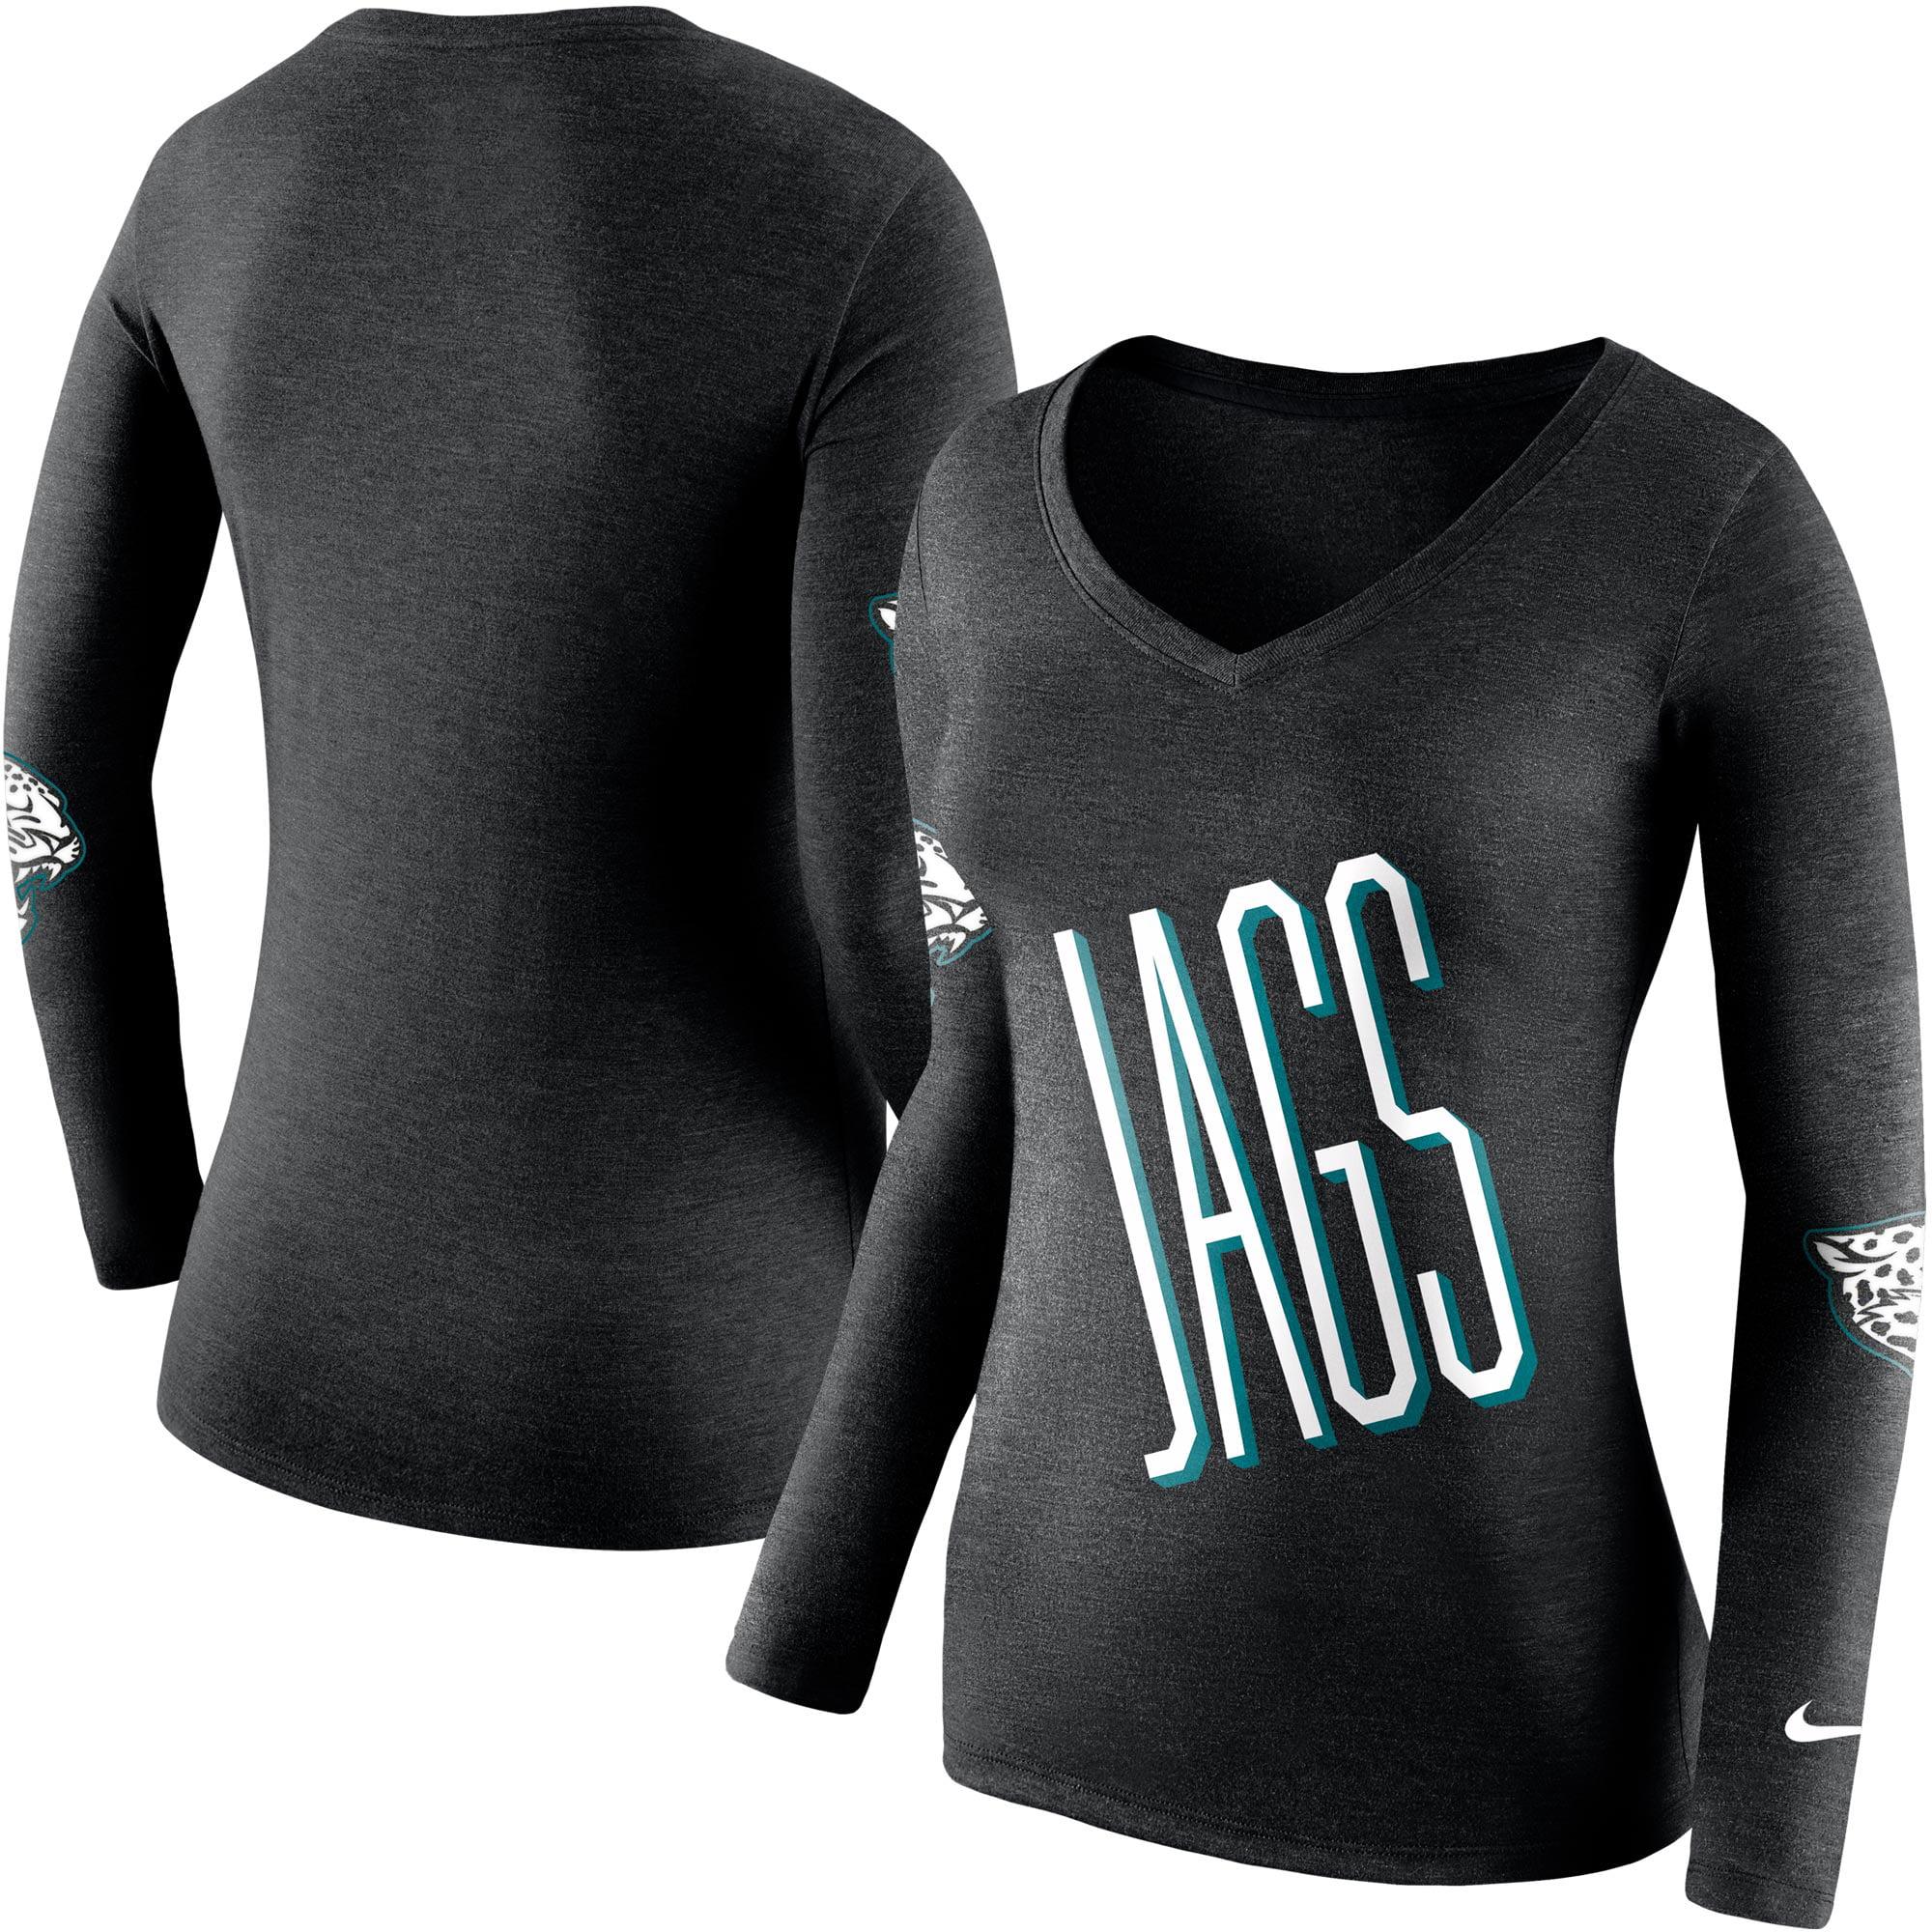 Jacksonville Jaguars Nike Women's Champ Drive 2 Long Sleeve T-Shirt - Black